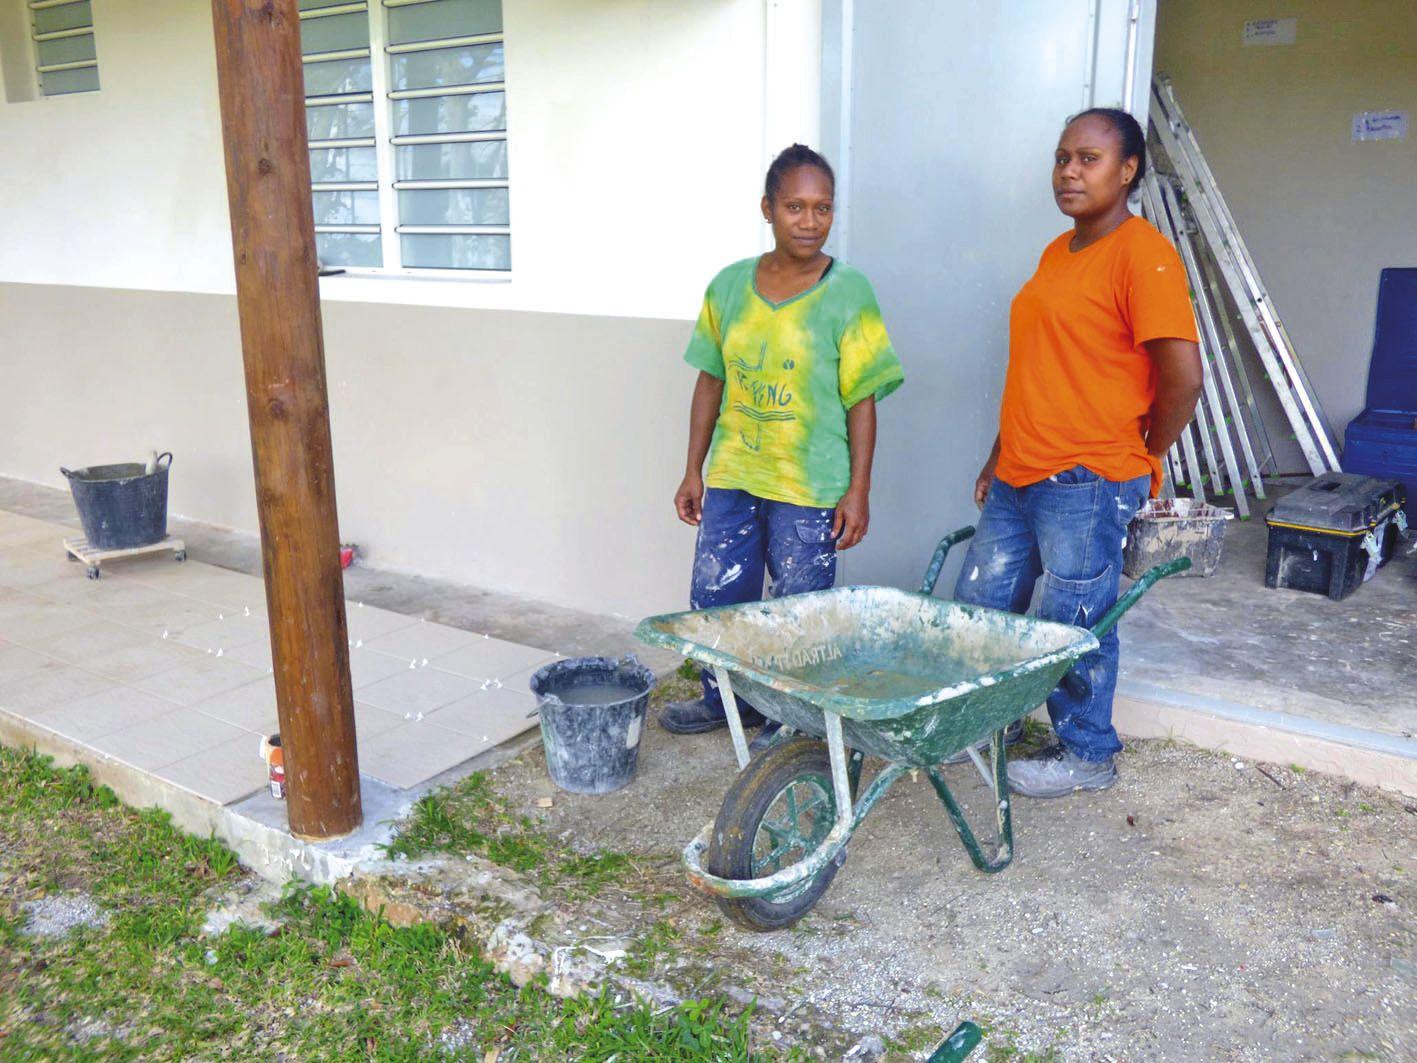 Après le chantier, les participants prévoient de reprendre des études ou des formations au RSMA.